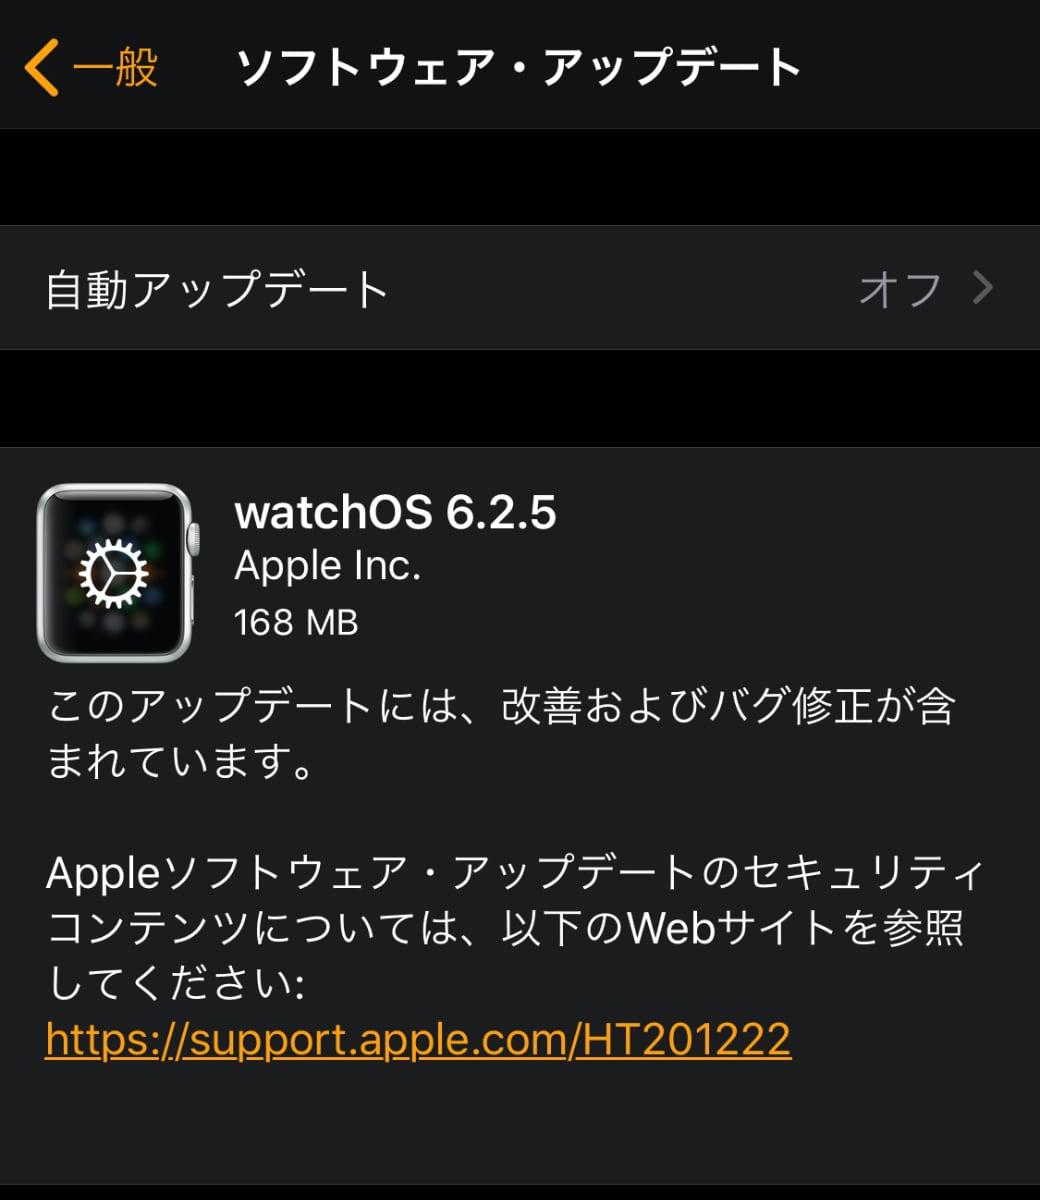 Apple、「watchOS 6.2.5」をリリース ‒ 改善とバグ修正